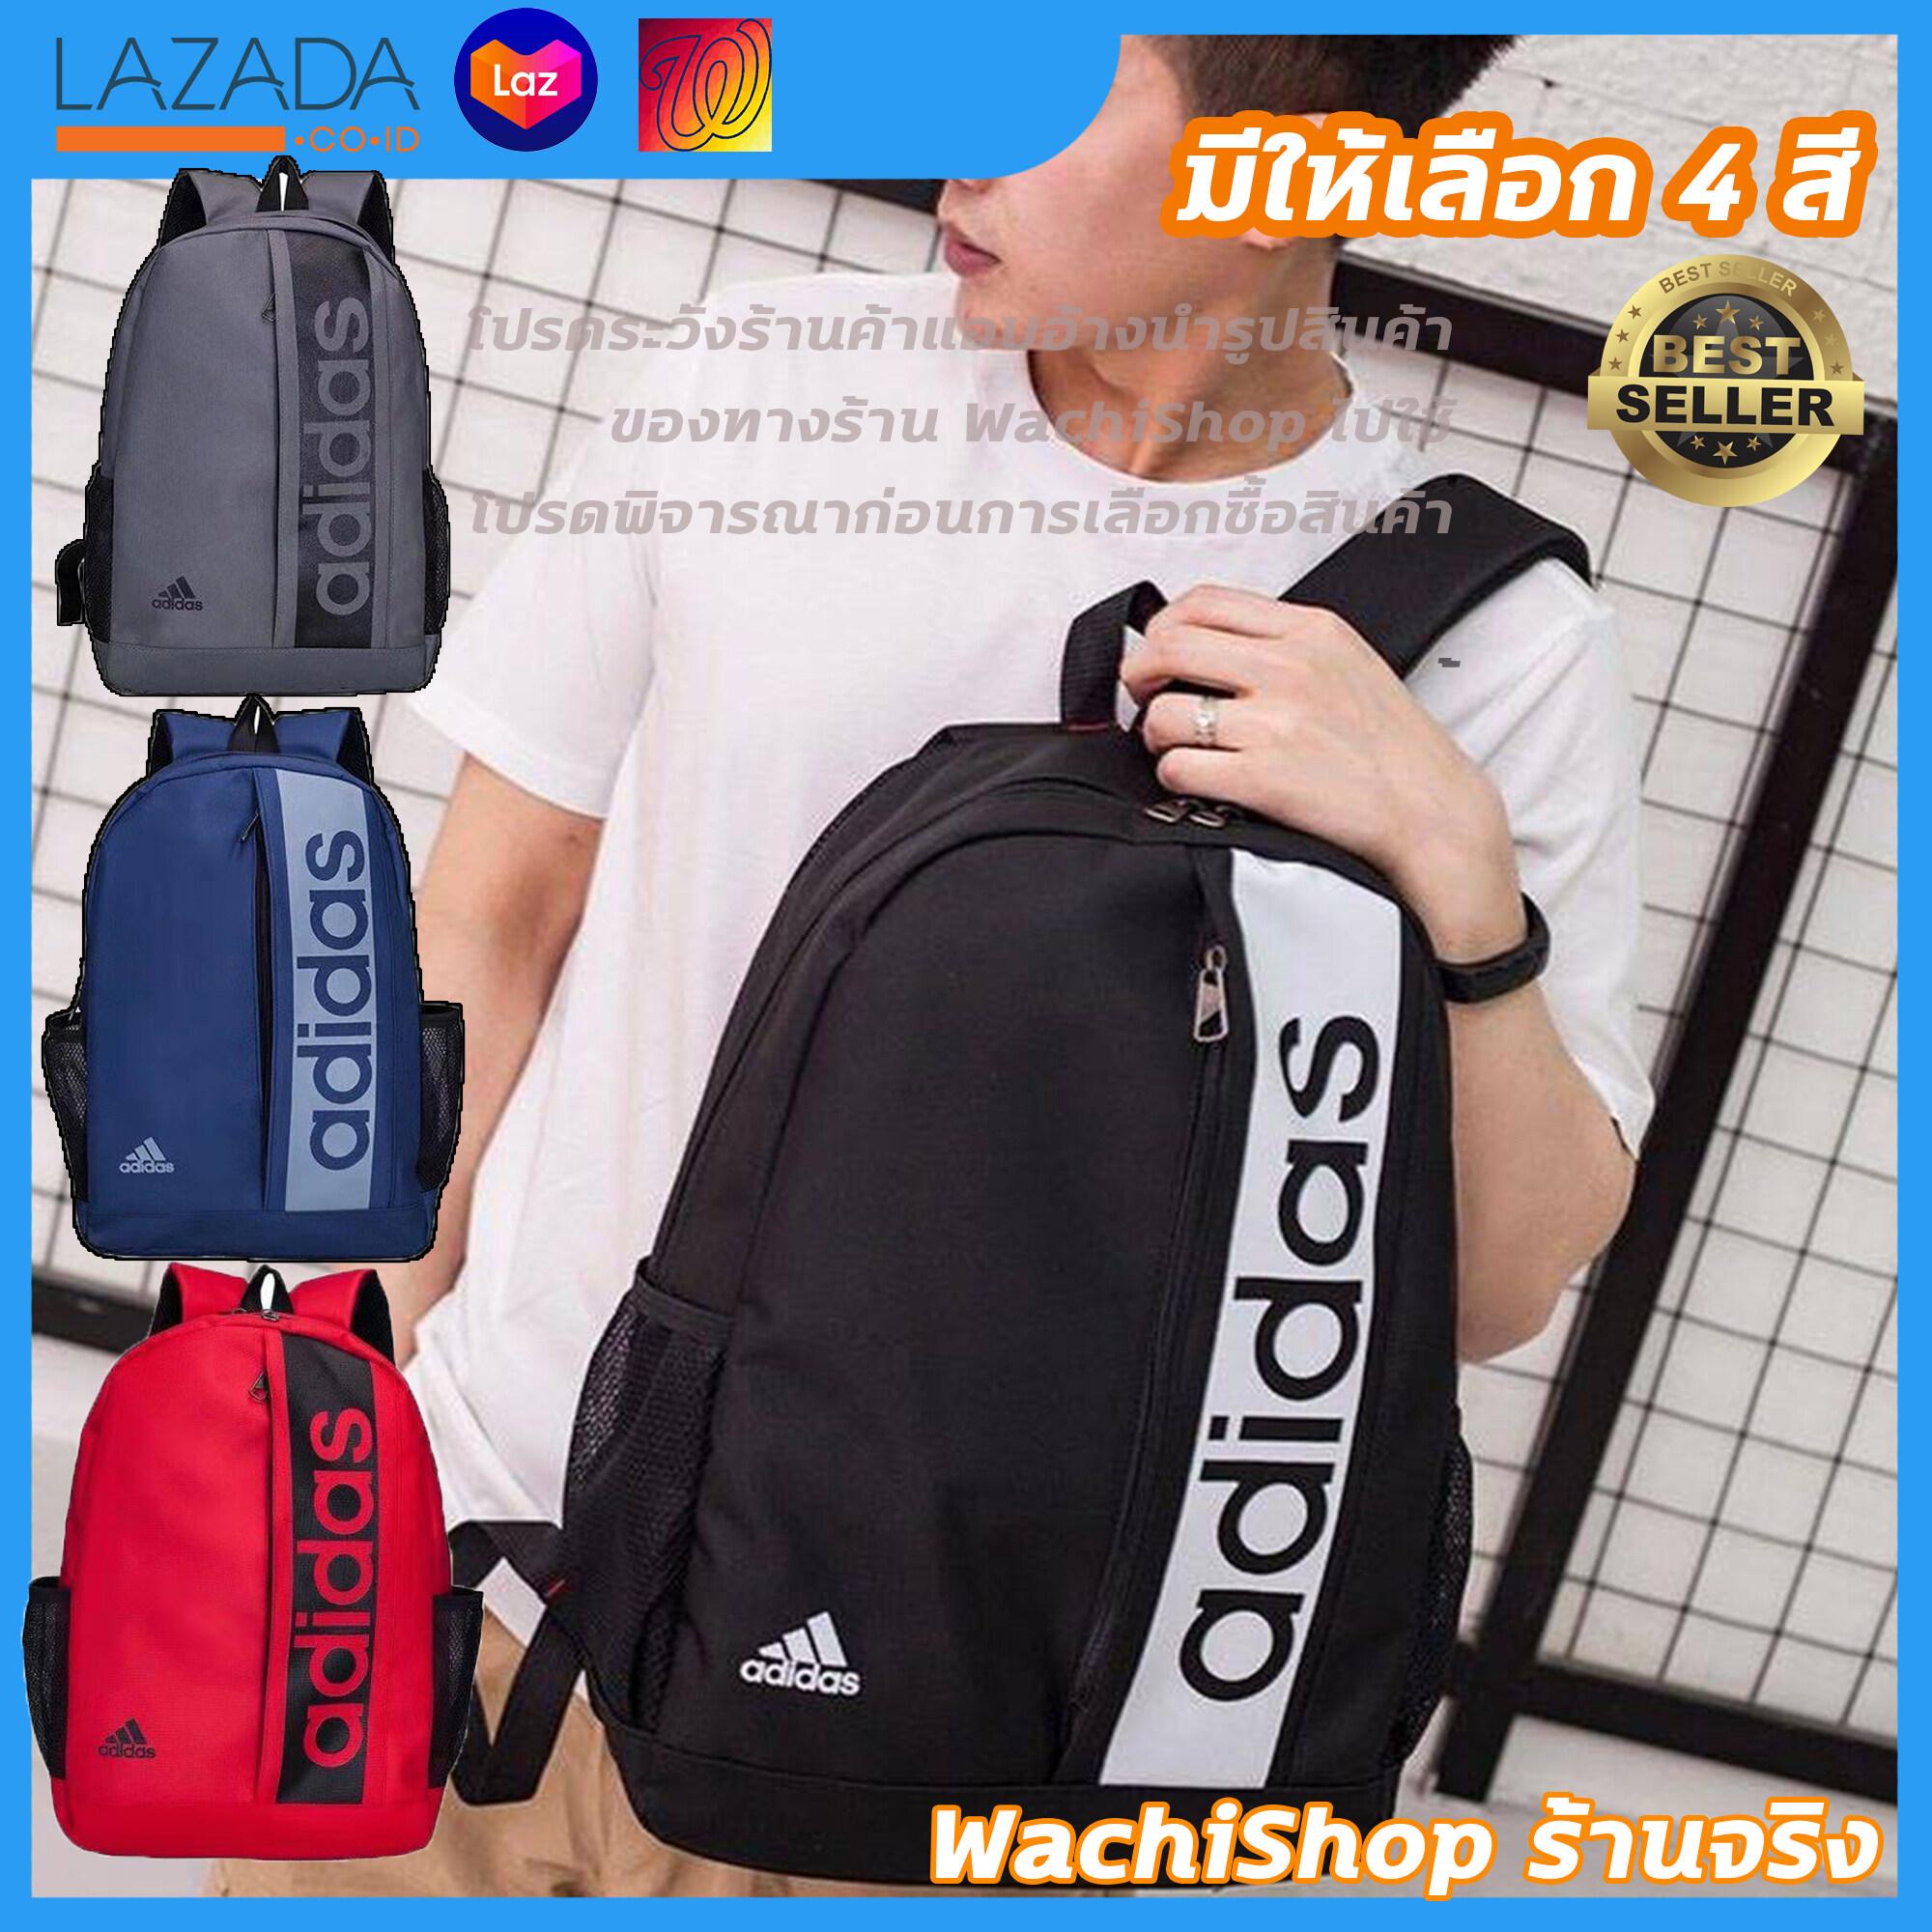 Adidas กระเป๋าเป้สะพายหลัง (โปรดพิจรณาร้านค้าจริง)  มีให้เลือก 4 สี กระเป๋าสะพายหลัง กระเป๋าเป้แฟชั่น  Fashion Unisex Travel Backpack Wachishop Ad.0001.